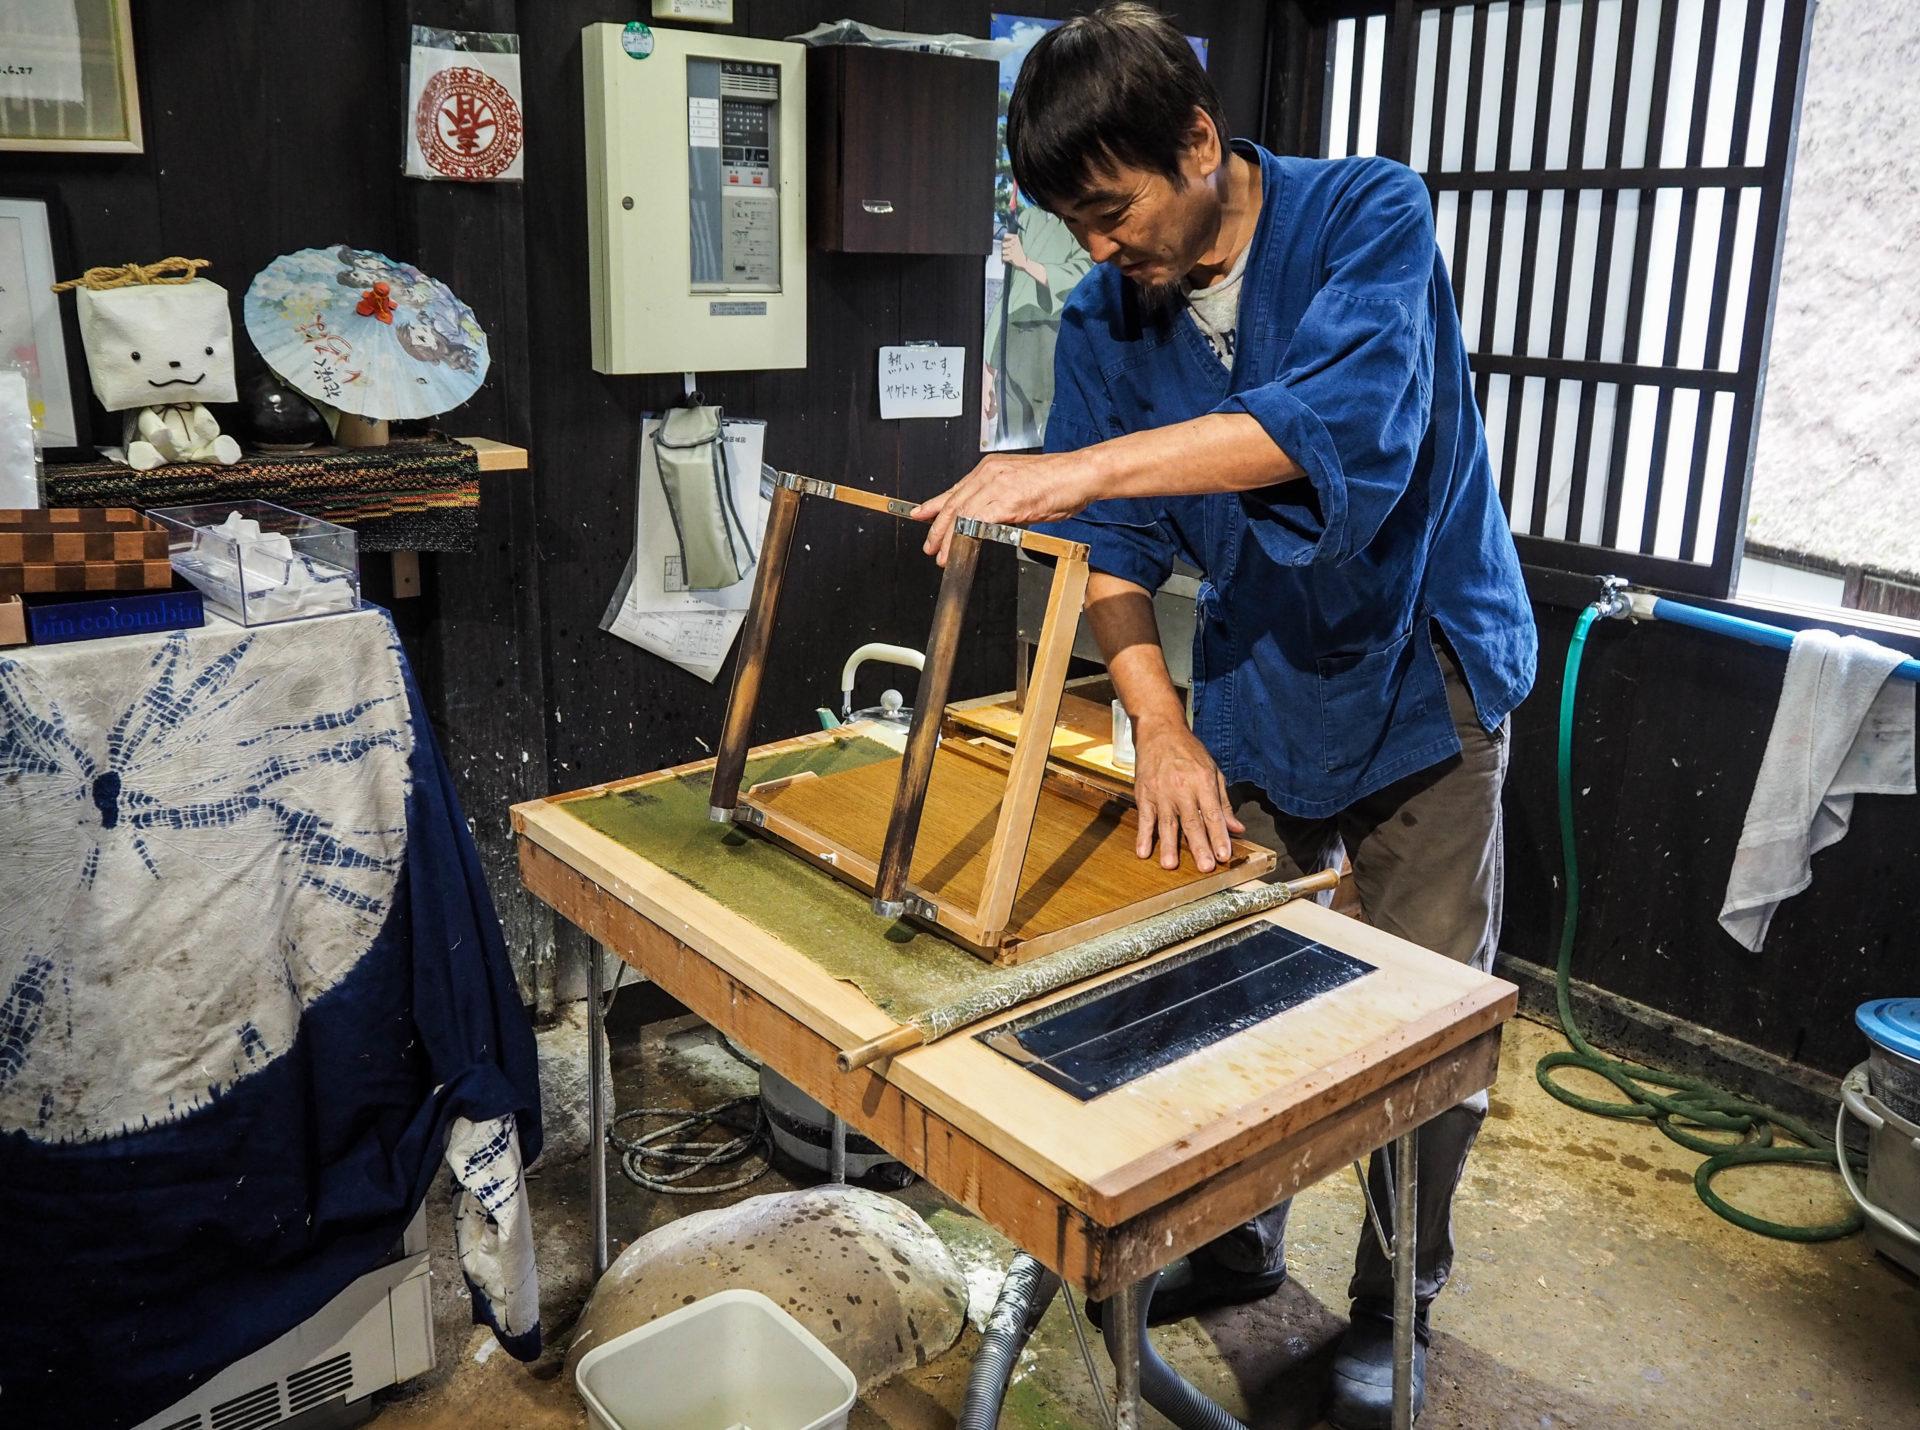 Atelier de papier washi dans le village traditionnel de Gokayama - Préfecture de Toyama, porte d'entrée vers les Alpes Japonaises - Voyager au Japon hors des sentiers battus